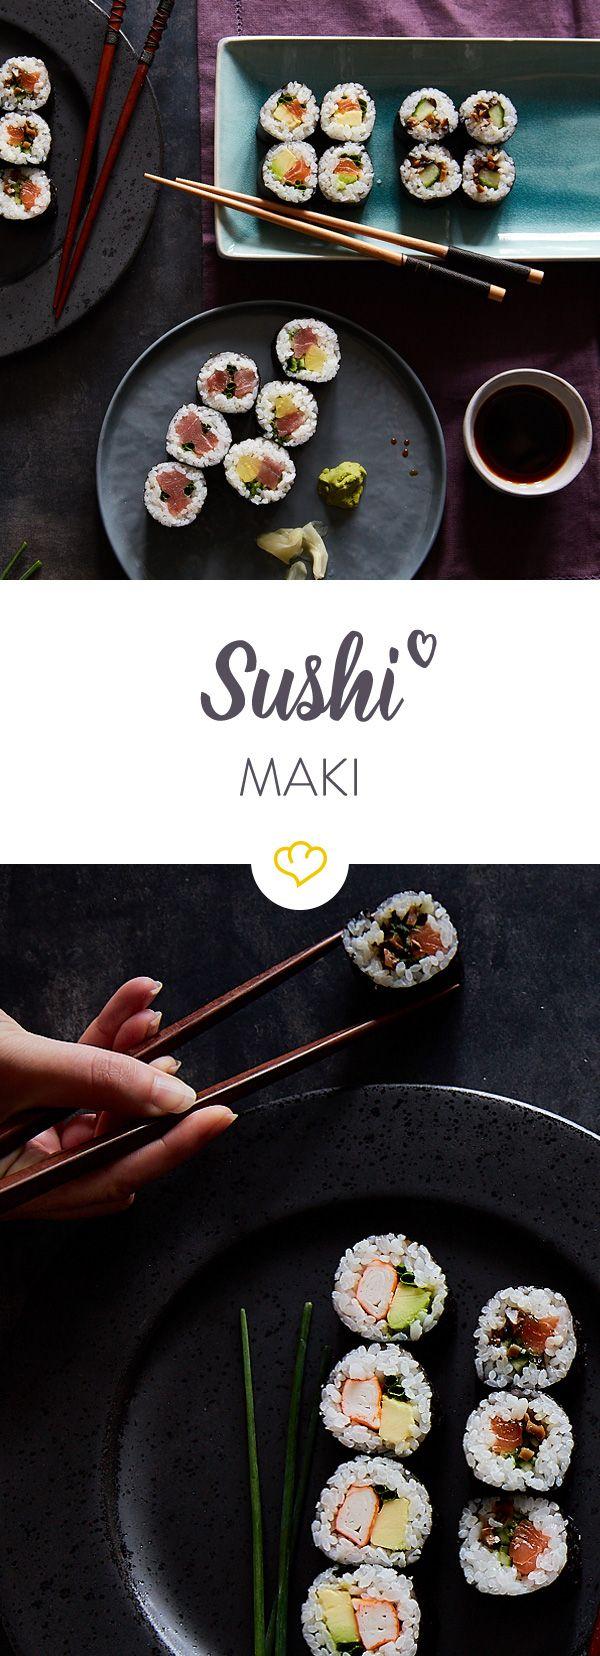 Bereit für deine nächste Sushi Party? Da darf Sushi Maki auf keinen Fall fehlen. Hier findest du die richtigen Rezepte zum Nachmachen.